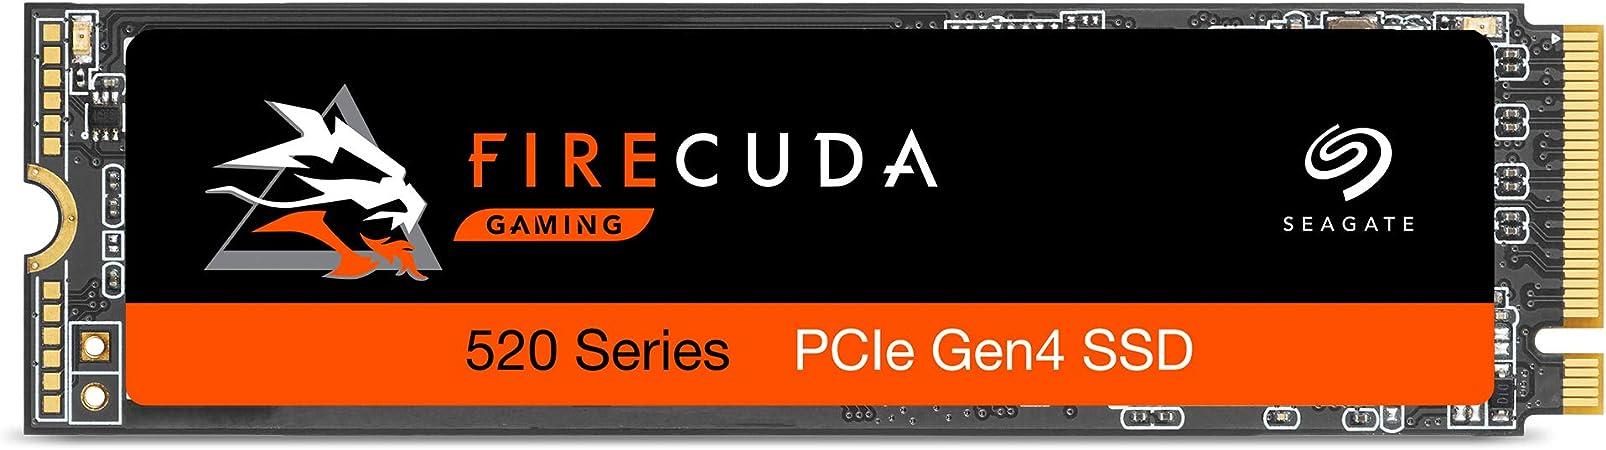 Seagate Firecuda 520 Nvme Pcie X4 Gen4 Ssd 1 Tb Nvme Computer Zubehör